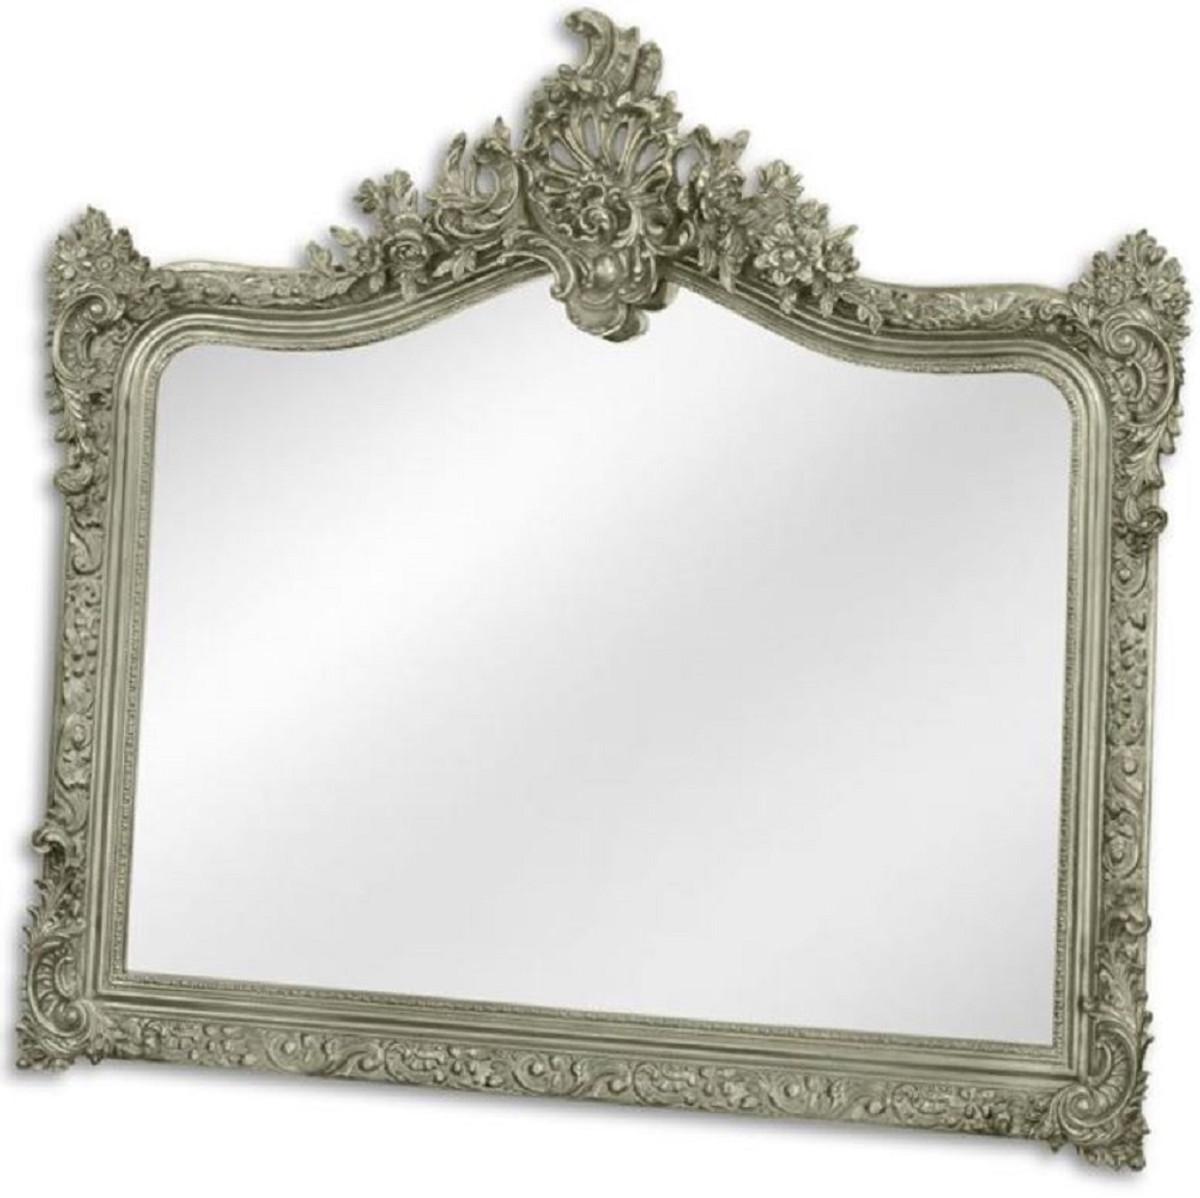 Casa Padrino Barock Spiegel Silber 9 x H. 9 cm - Garderoben Spiegel -  Wohnzimmer Spiegel - Prunkvoller Wandspiegel im Barockstil